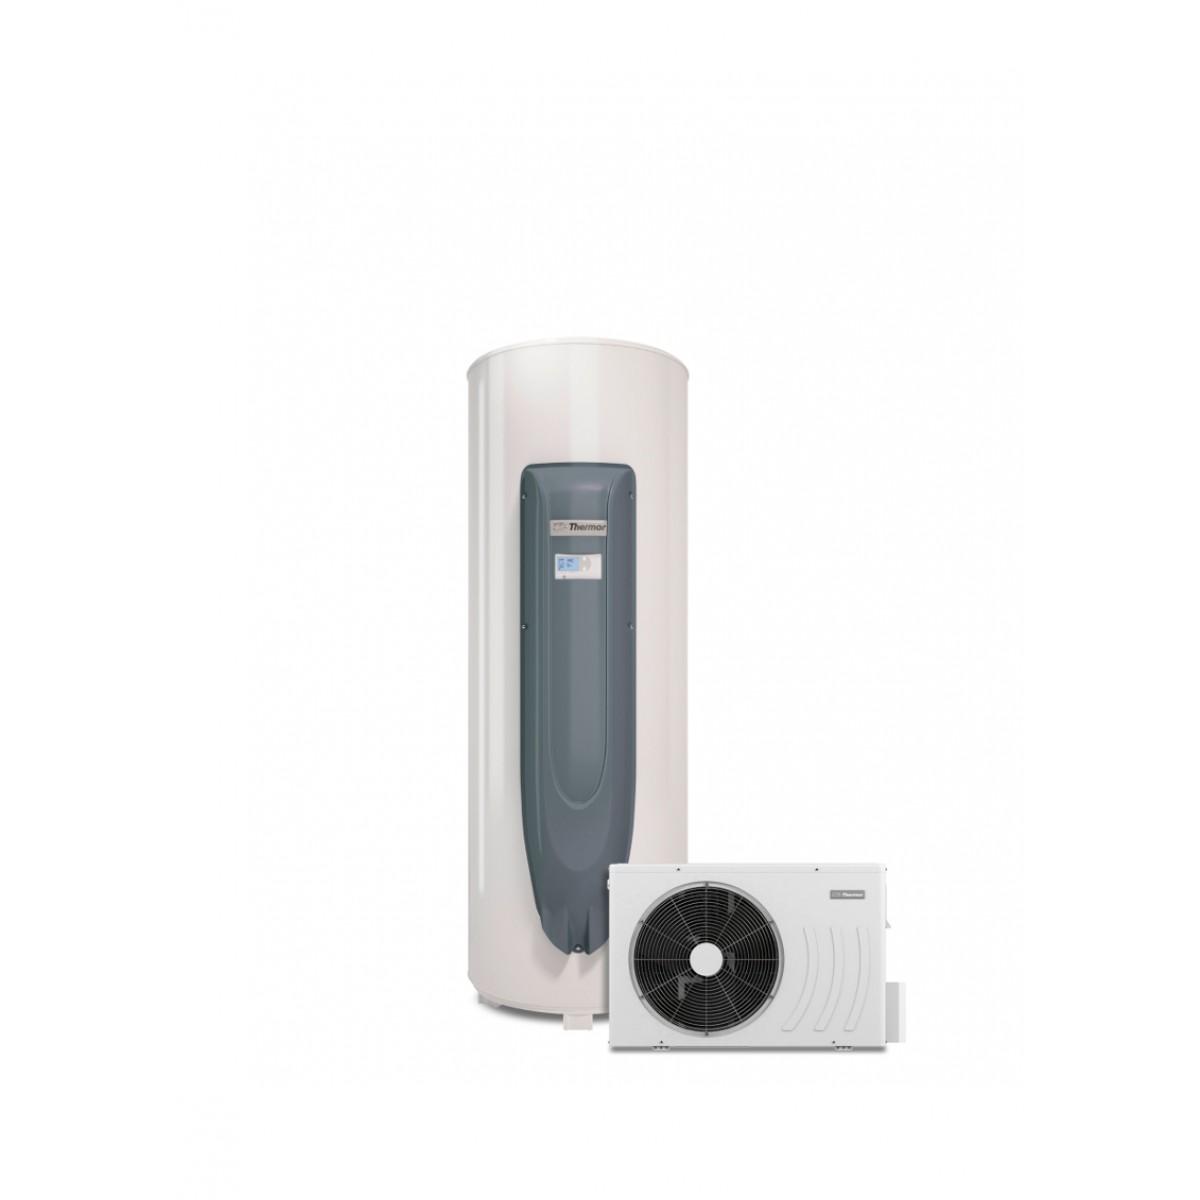 Chauffe eau electrique thermor 300l free chauffeeau plat - Chauffe eau electrique thermor 300l ...